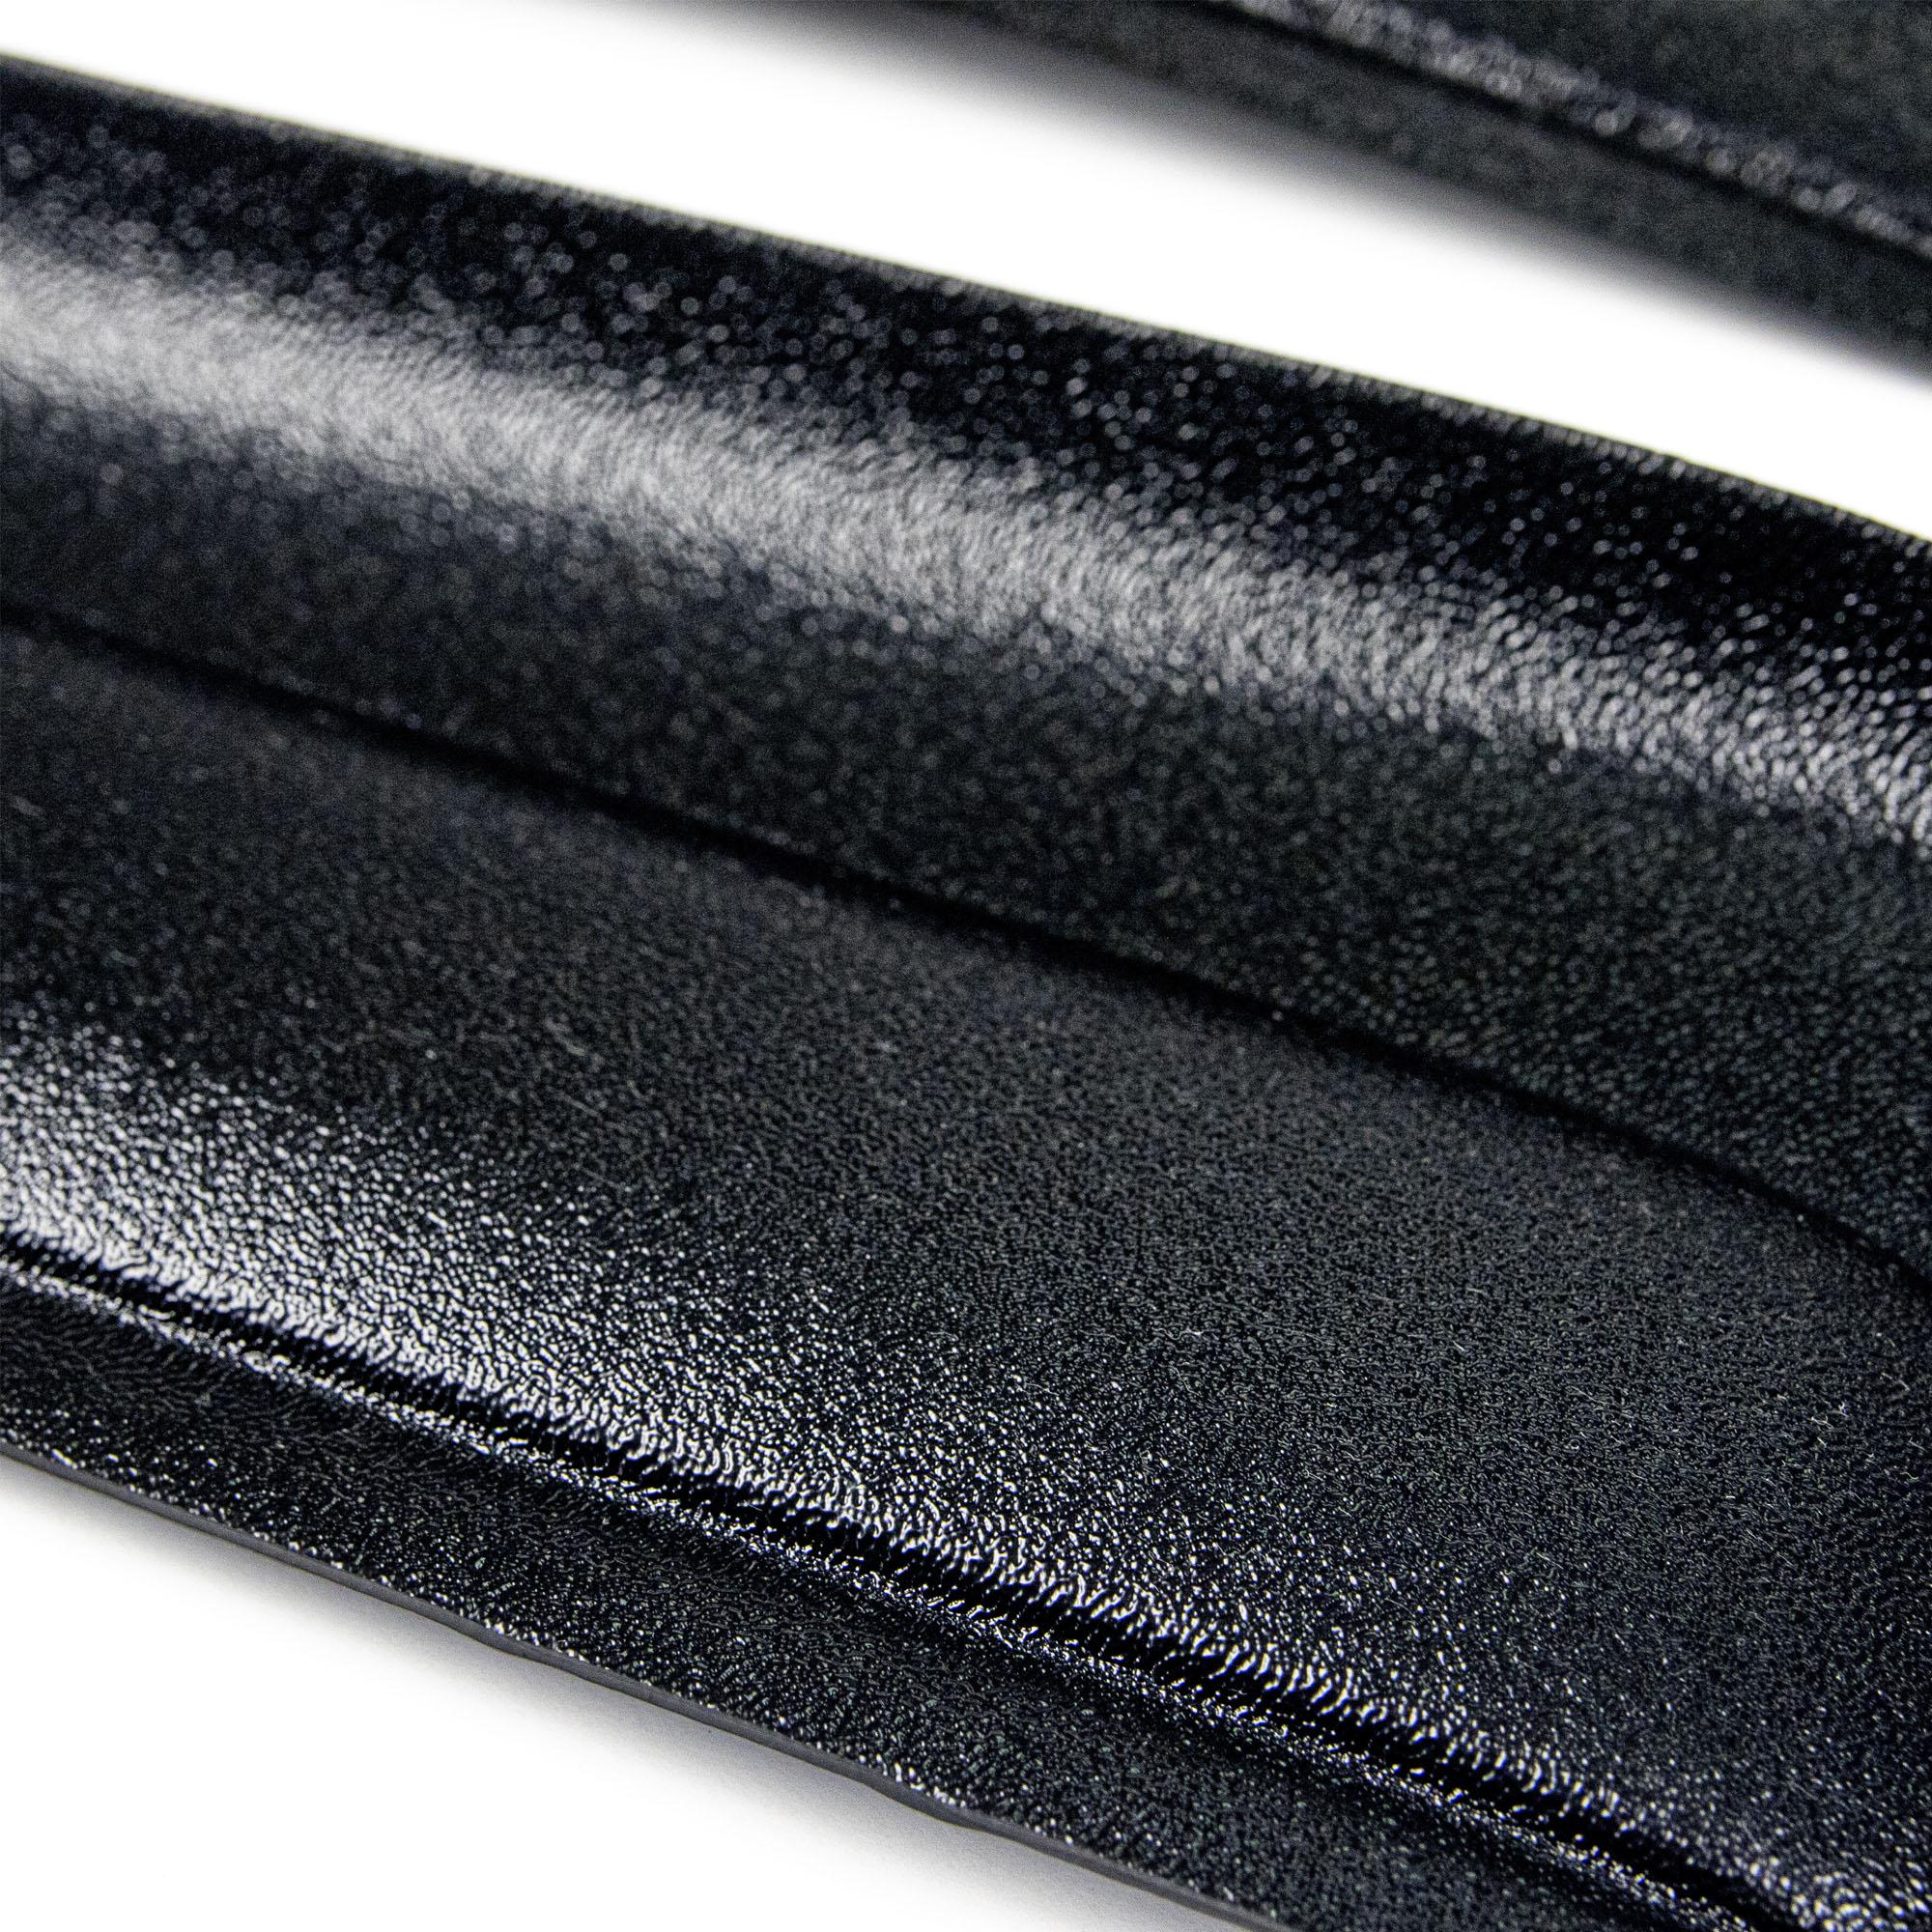 Накладки на ковролин тоннельные для Hyundai Solaris II; Kia Rio 4, X2